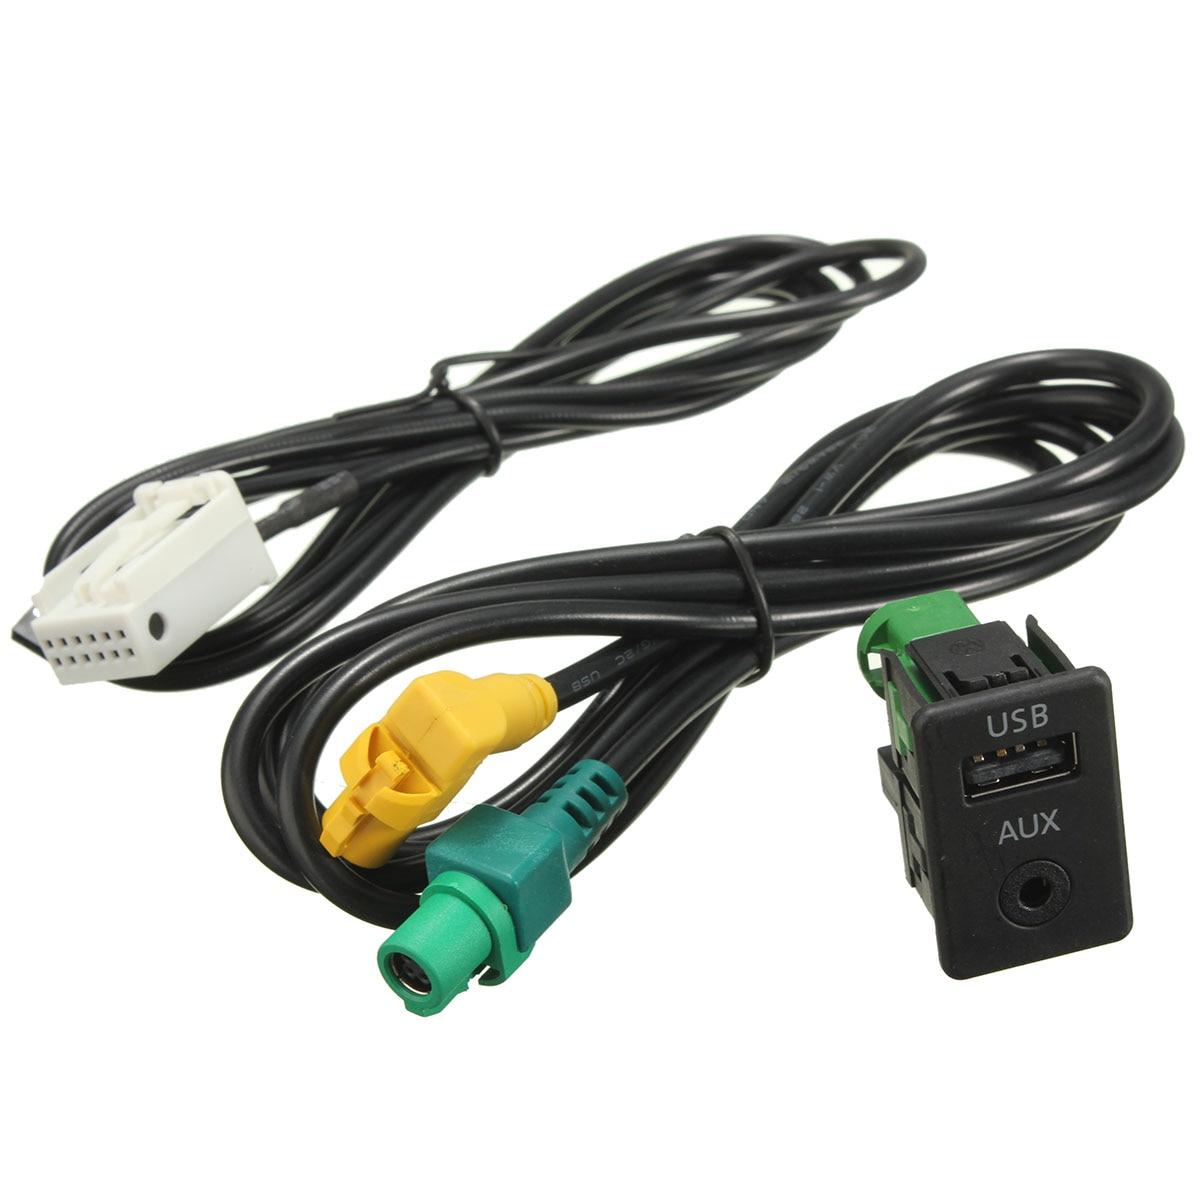 Neue Aux in Schalter & USB Draht Kabel Adapter Für BMW 3 5 serie E87 ...